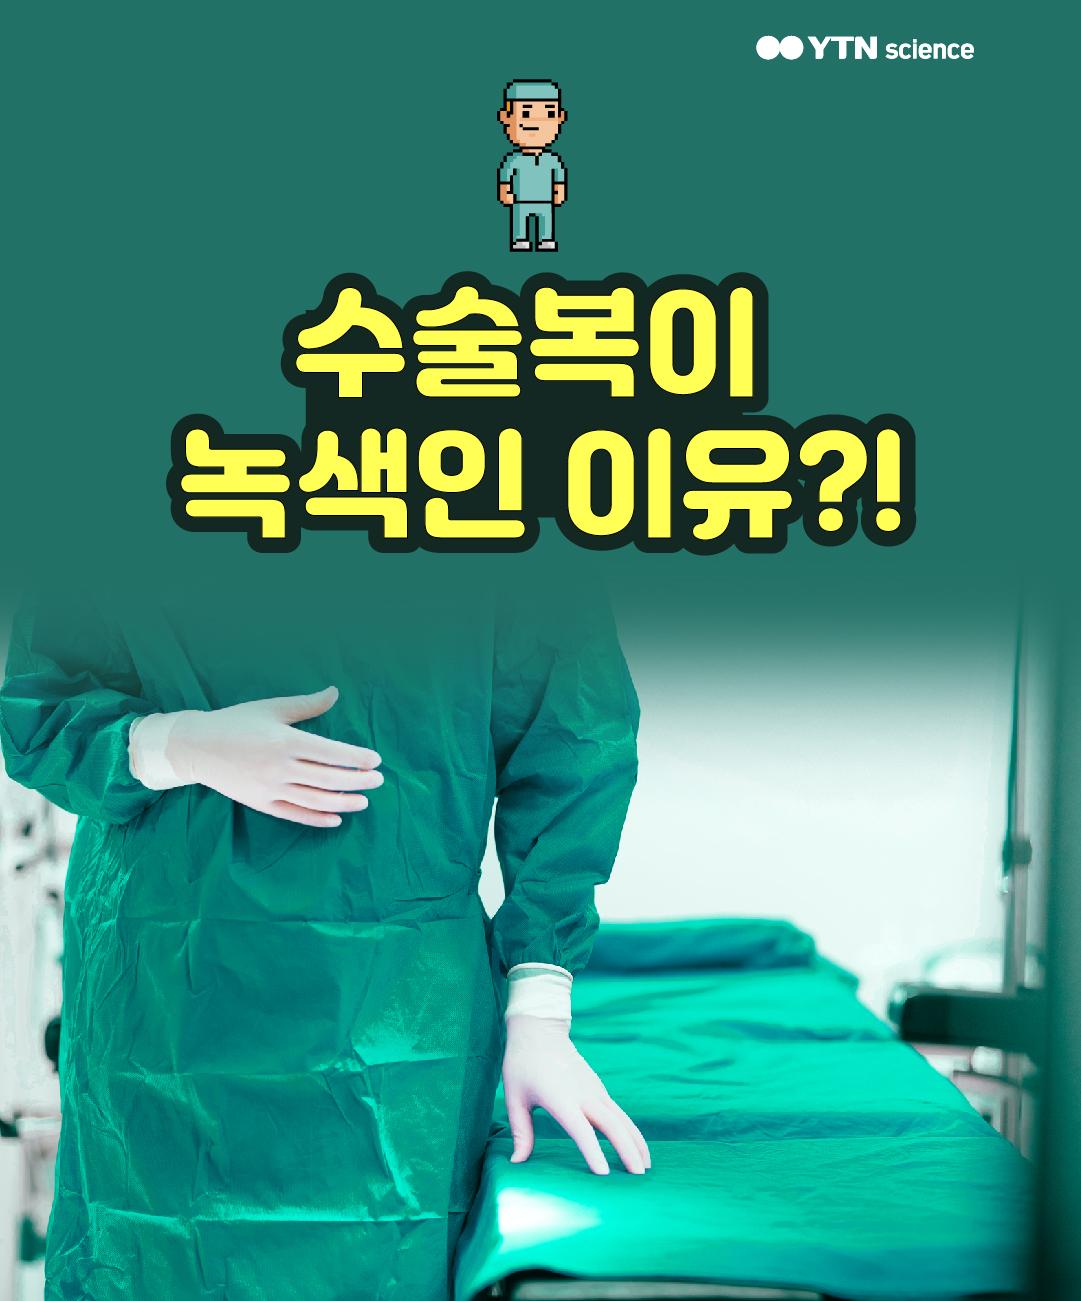 수술복이 녹색인 이유?! 이미지